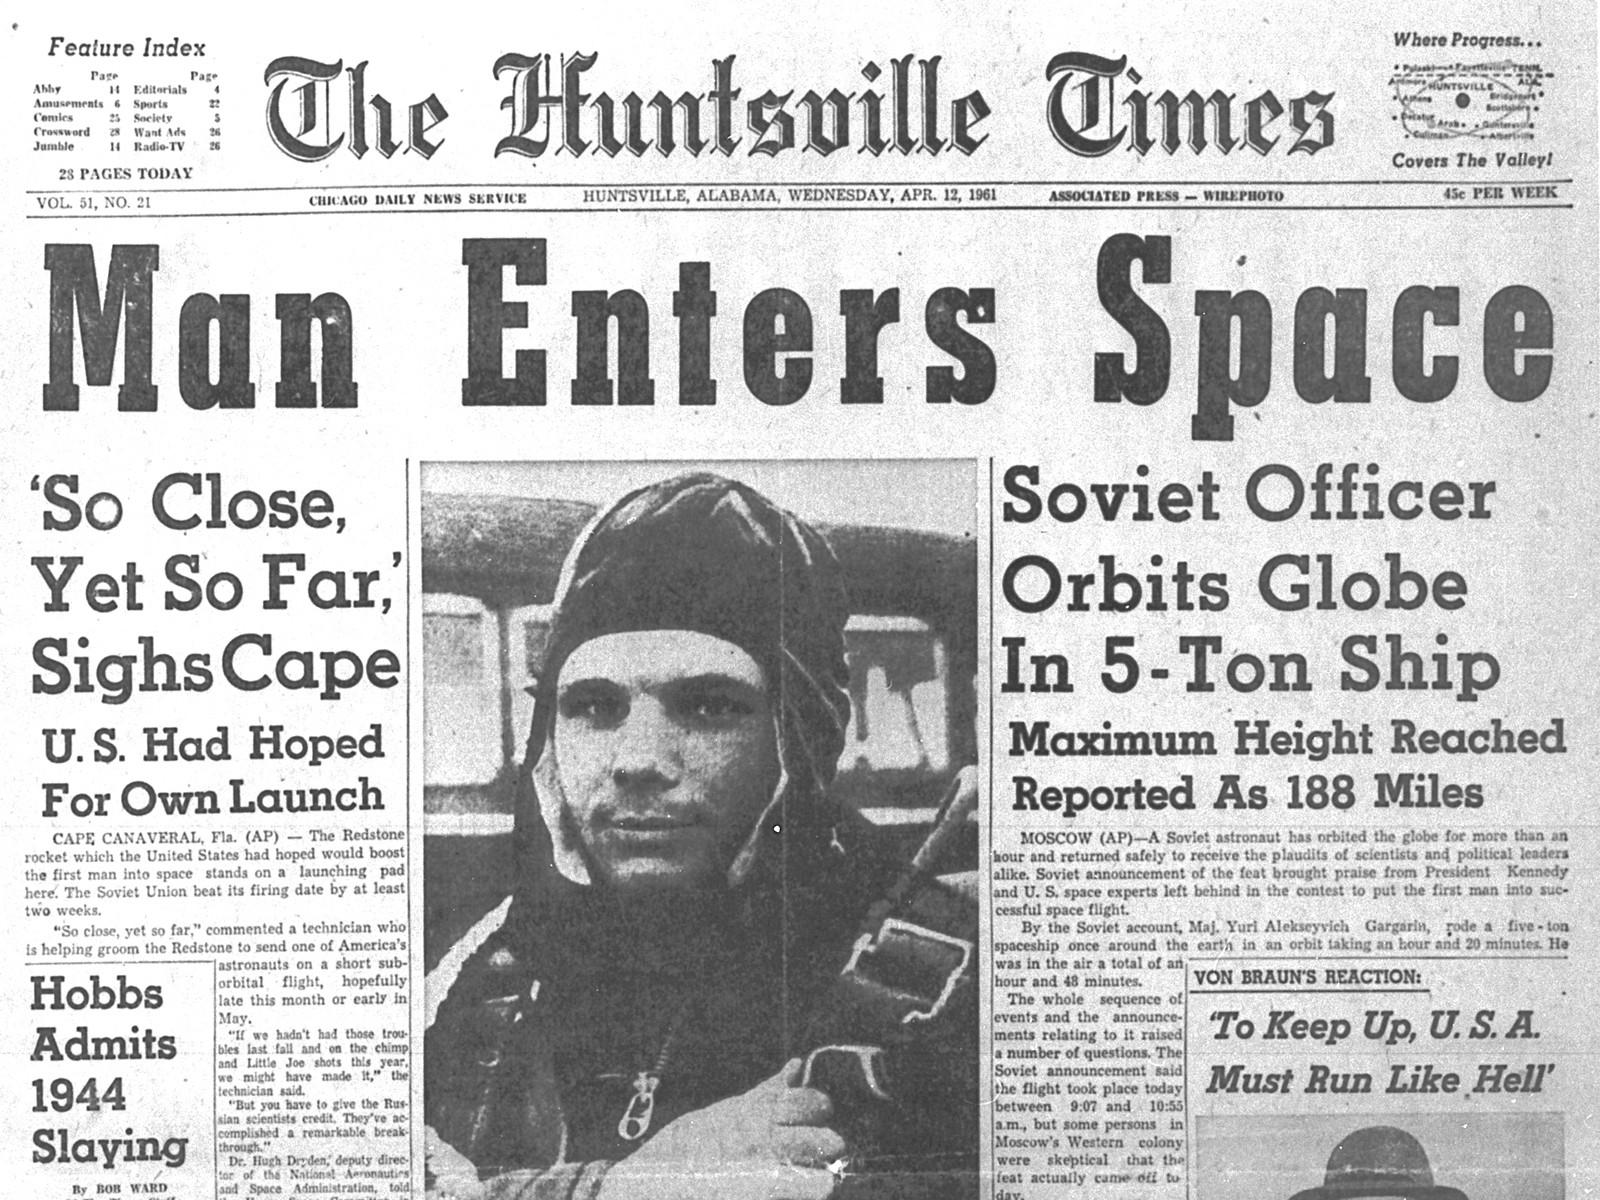 A bordo de la nave espacial Vostok 1, Gagarin entró en órbita y completó un bucle de 108 minutos alrededor de la Tierra el 12 de abril de 1961 (Foto: NASA)